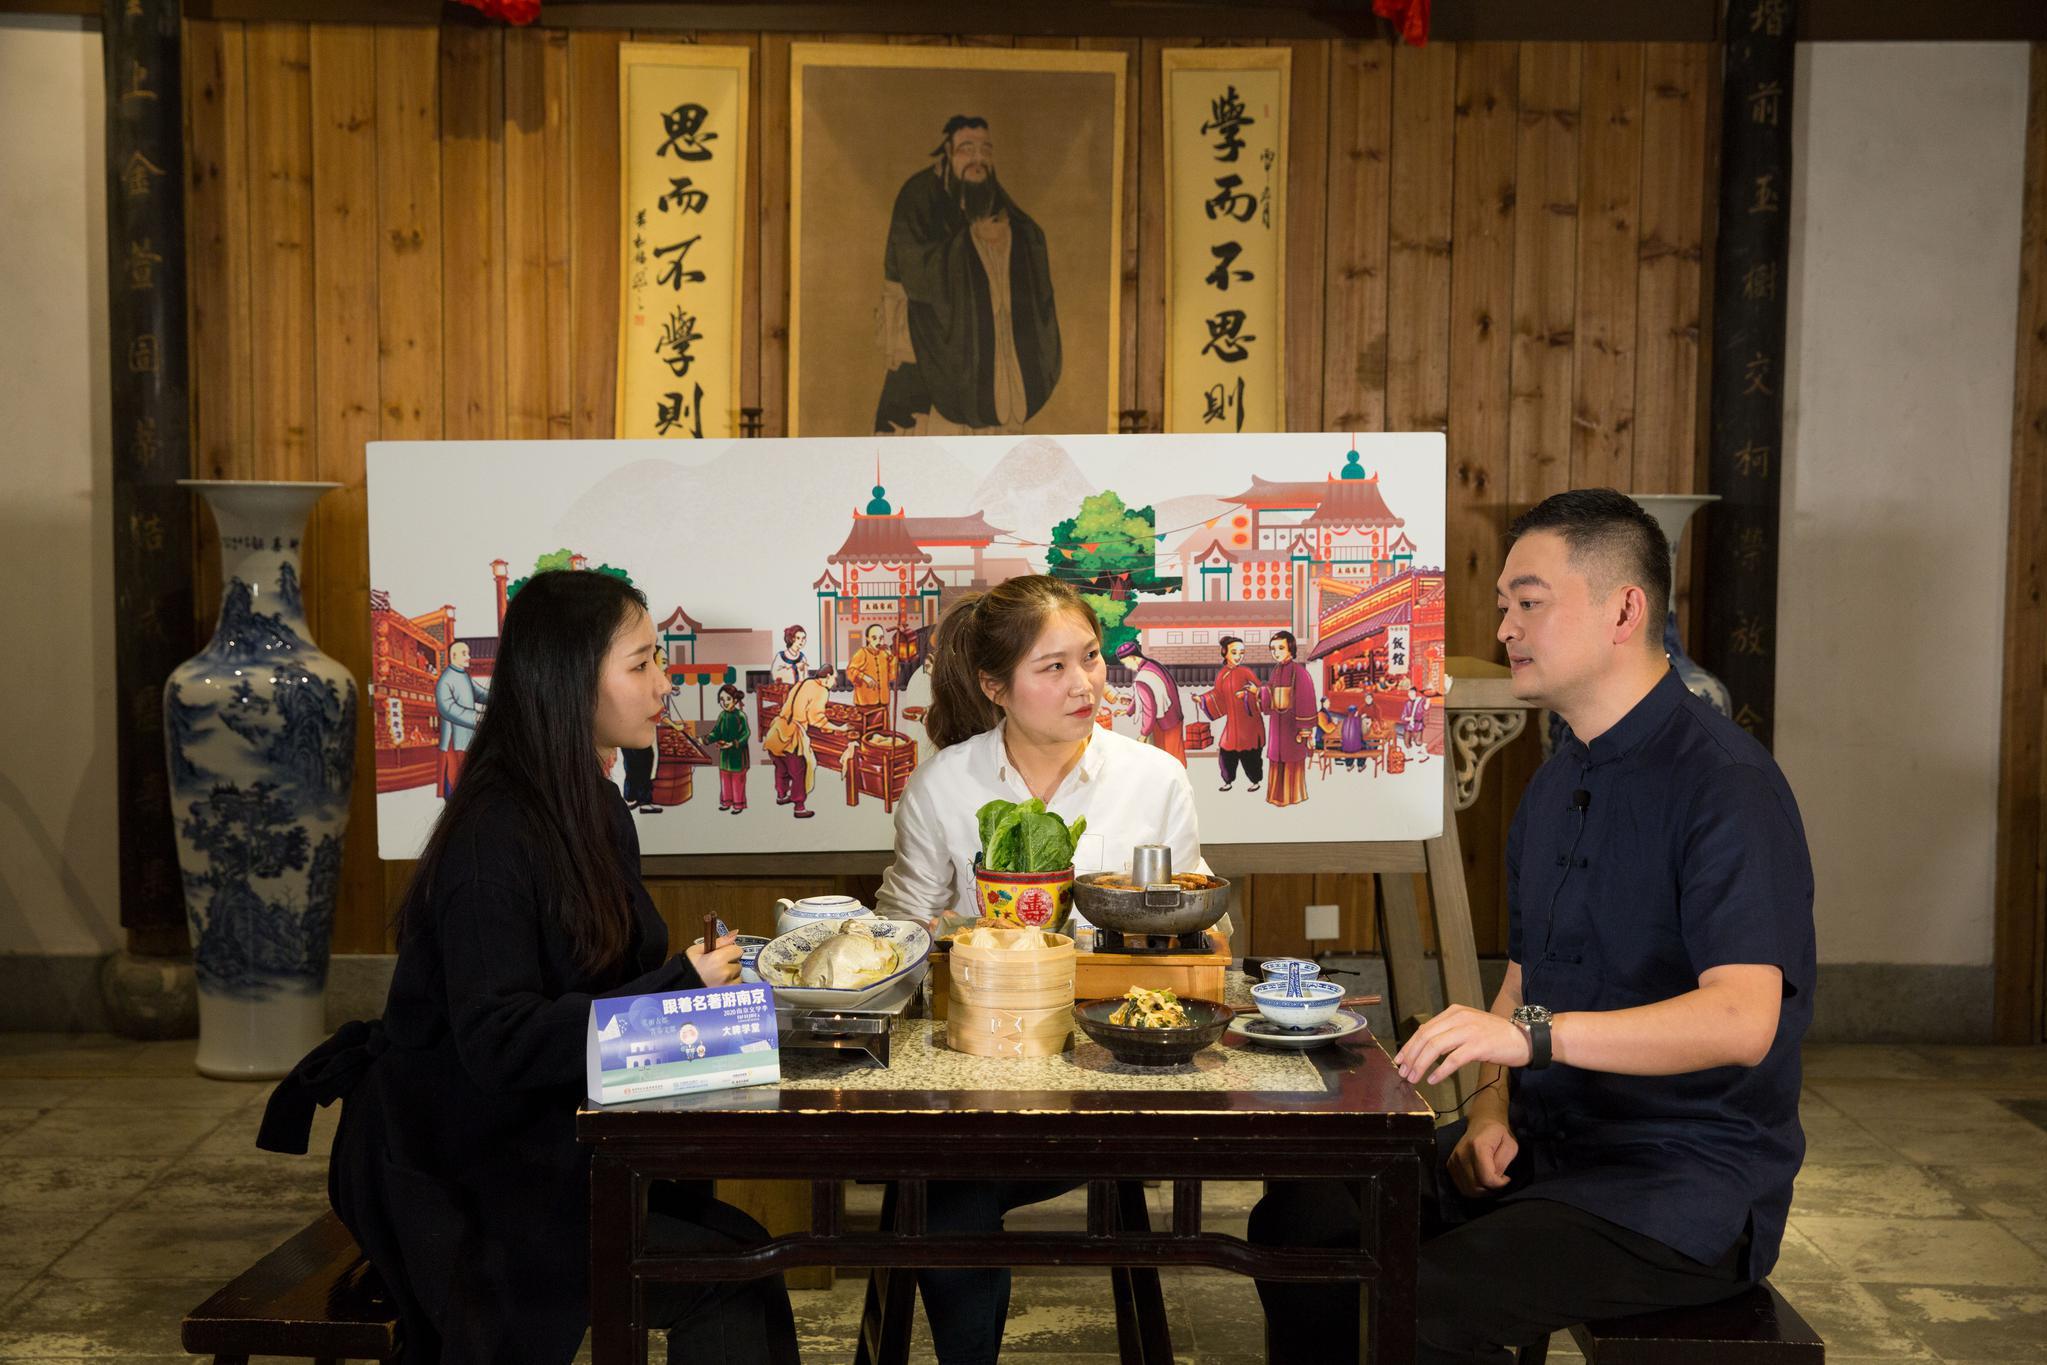 跟着名著游南京,《儒林外史》中佳肴美馔可尝真味道!